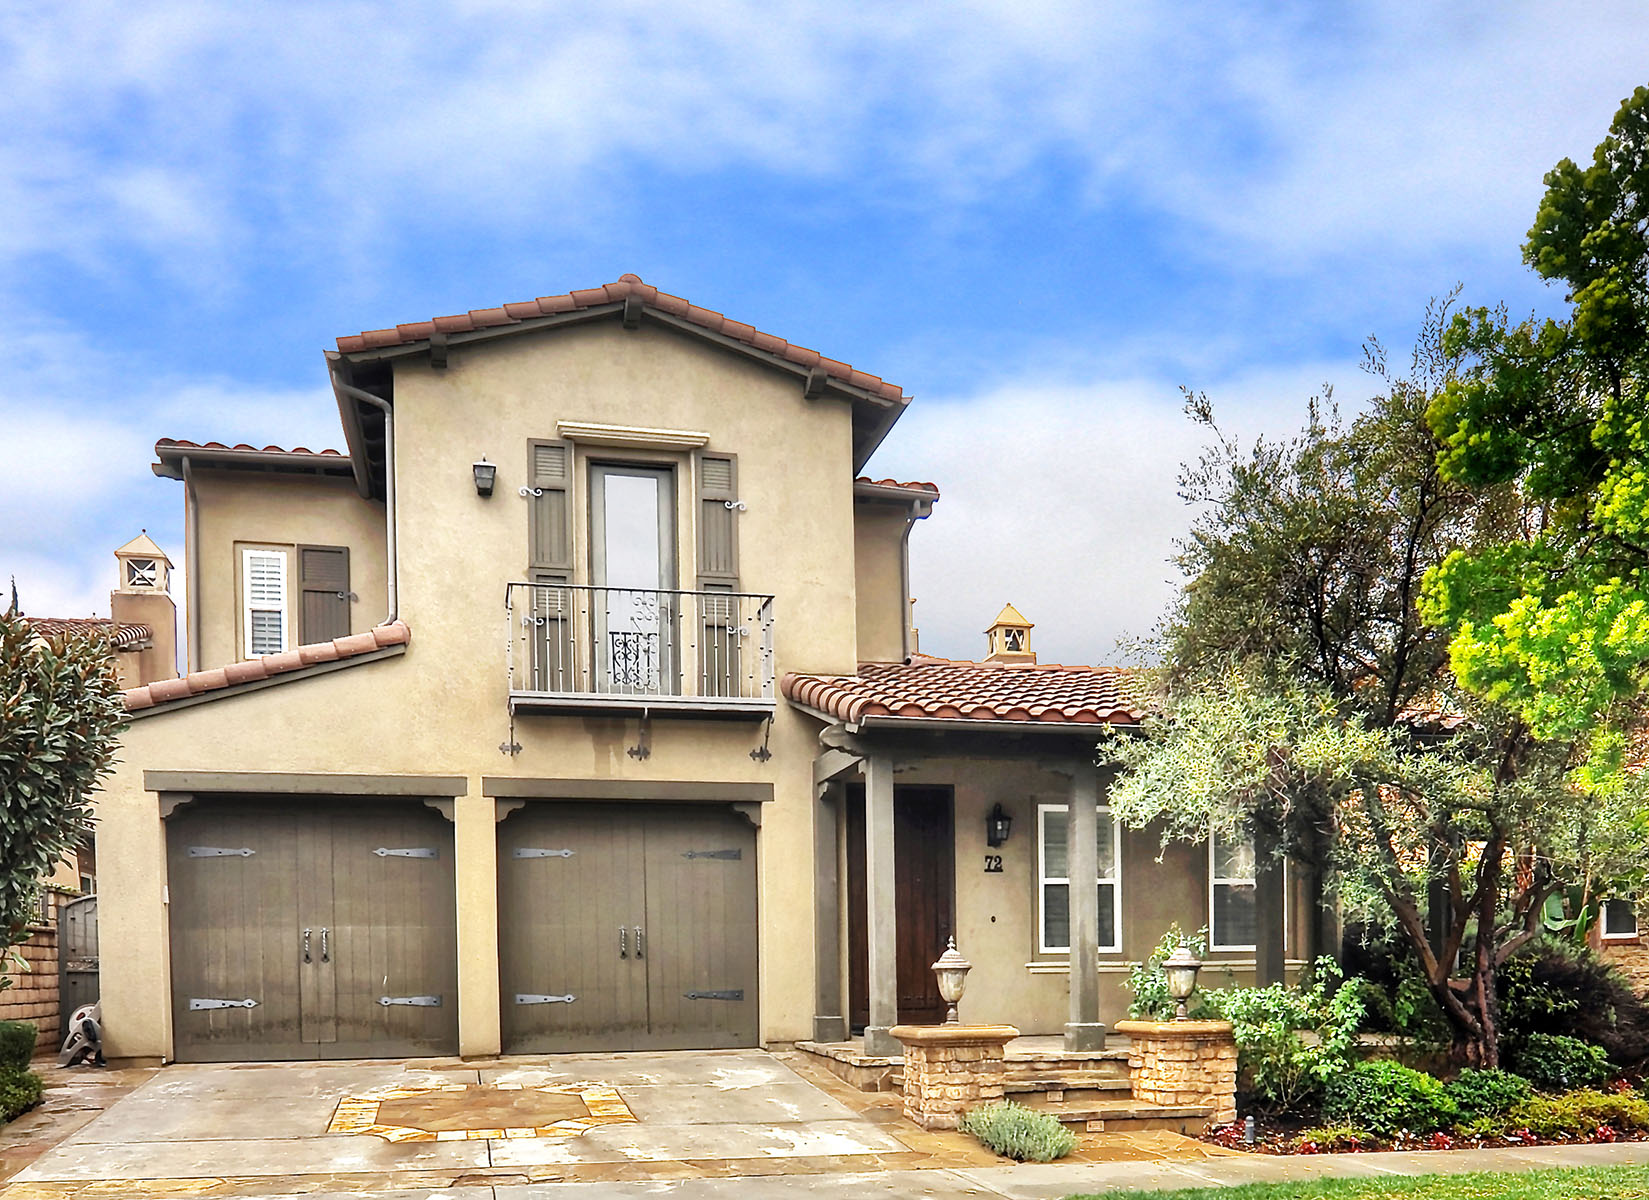 Частный односемейный дом для того Продажа на 72 Fanlight Irvine, Калифорния, 92620 Соединенные Штаты